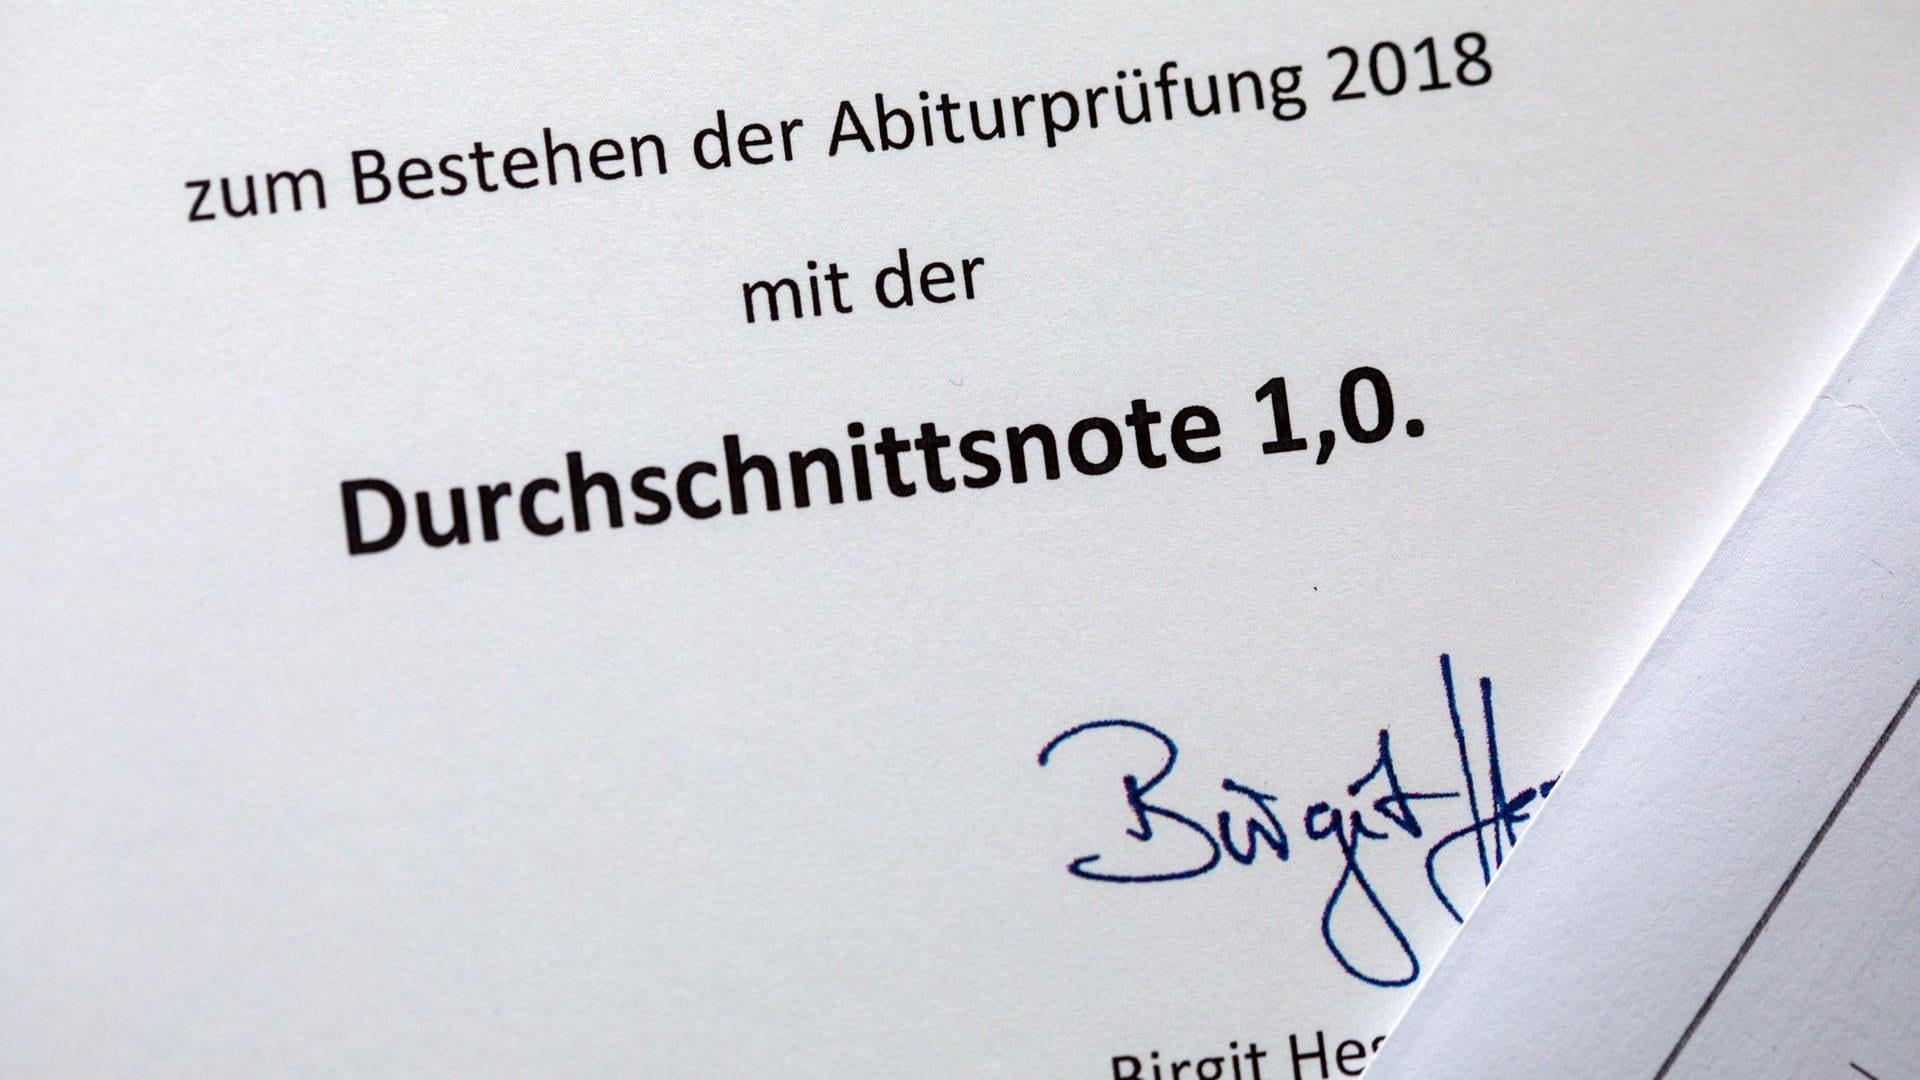 Durchschnittsnote abitur baden württemberg 2017